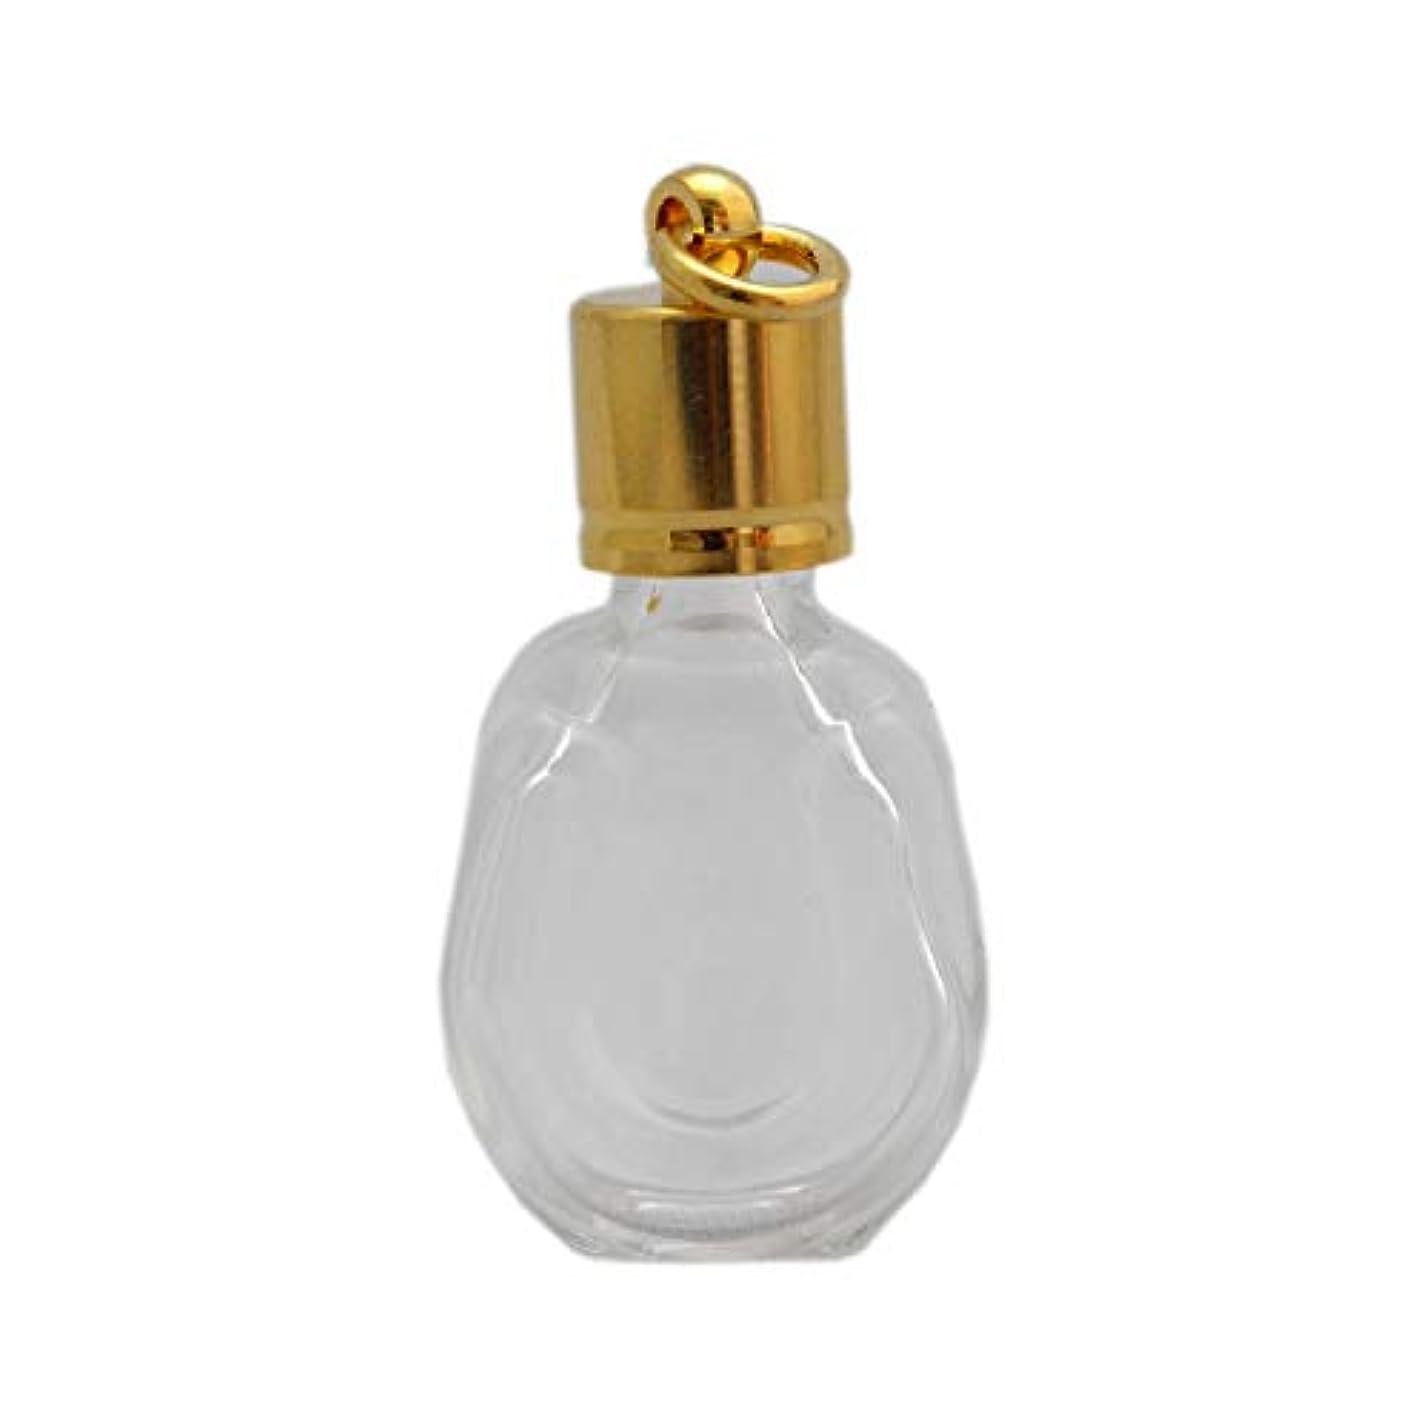 過去世界実験室ミニ香水瓶 アロマペンダントトップ 馬蹄型(透明 容量1.3ml)×穴あきキャップ ゴールド